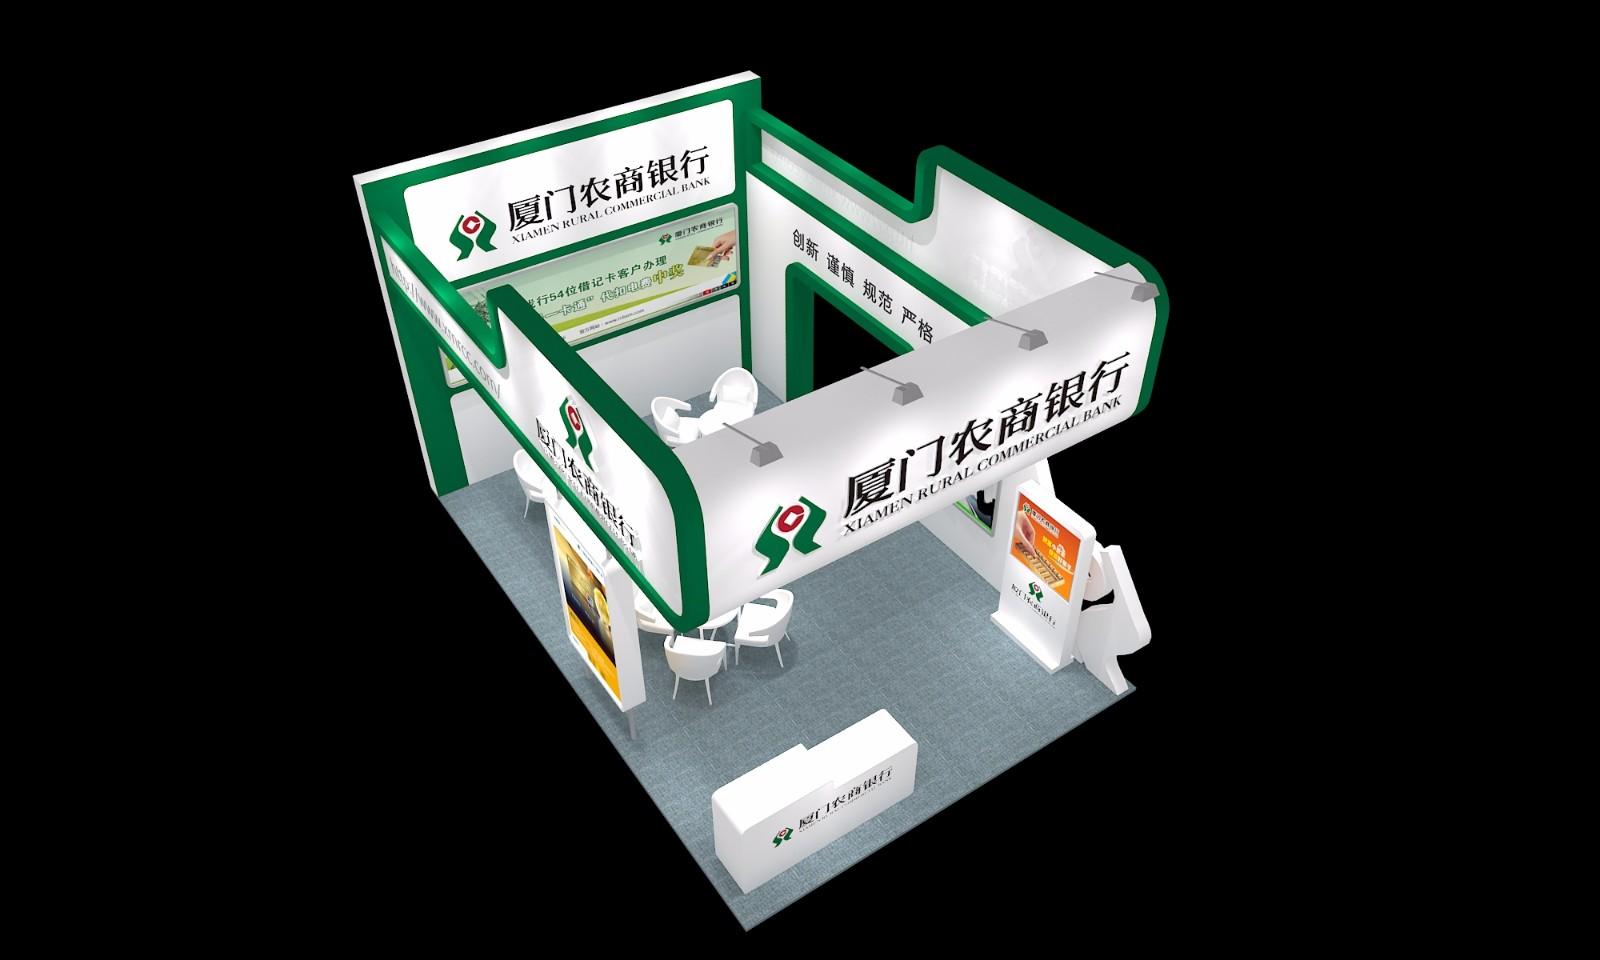 农商银行|展览特装-厦门市嘉维世纪会展服务有限公司